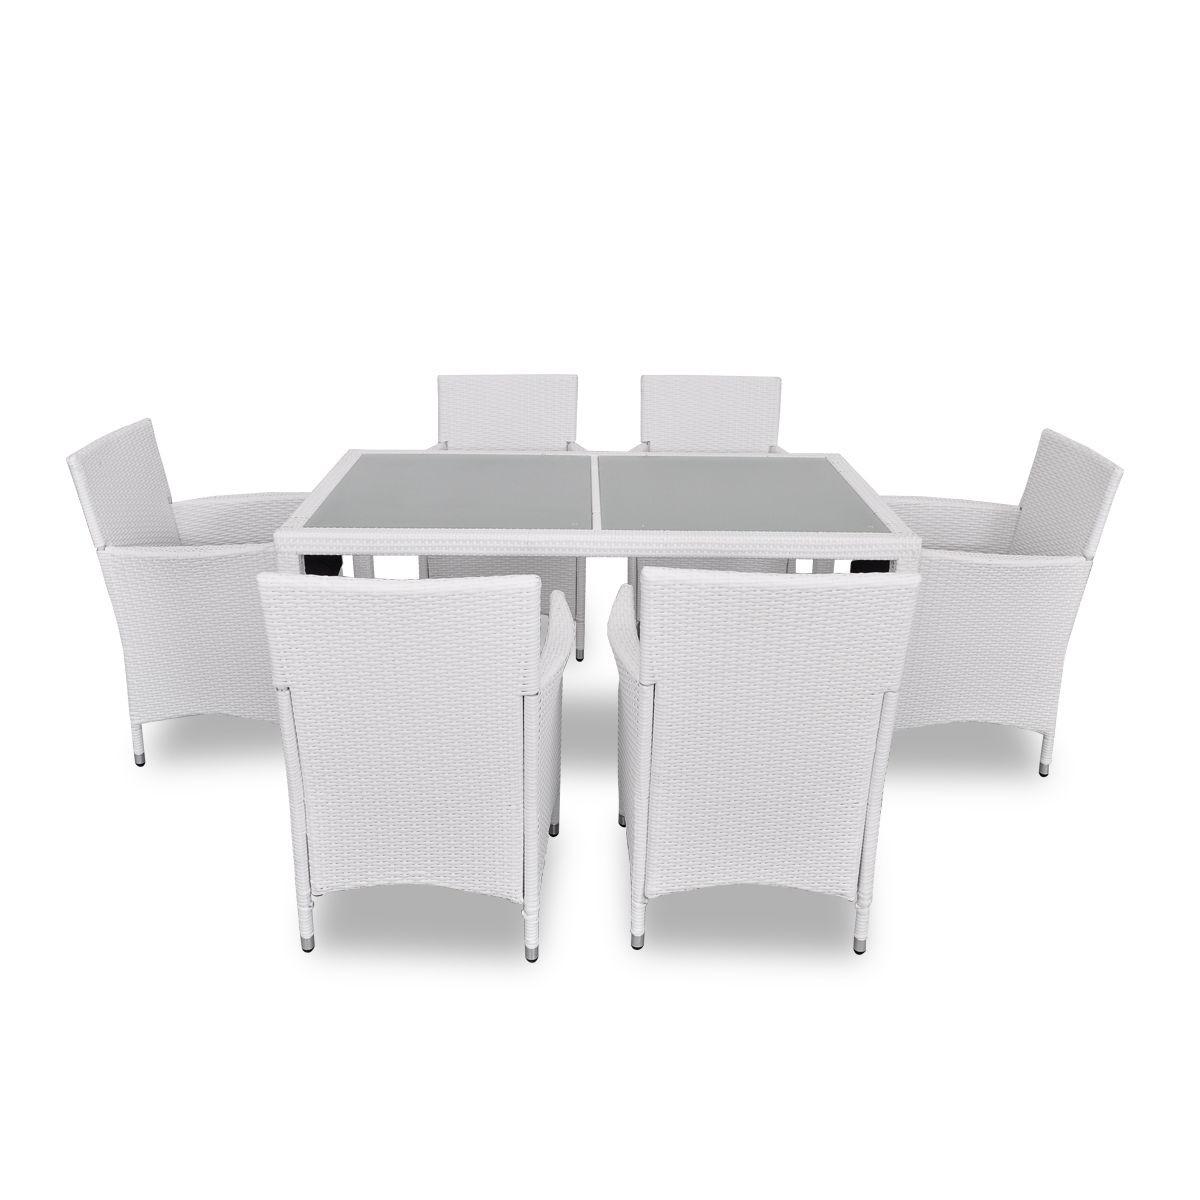 Chaise salon de jardin blanc - Abri de jardin et balancoire idée